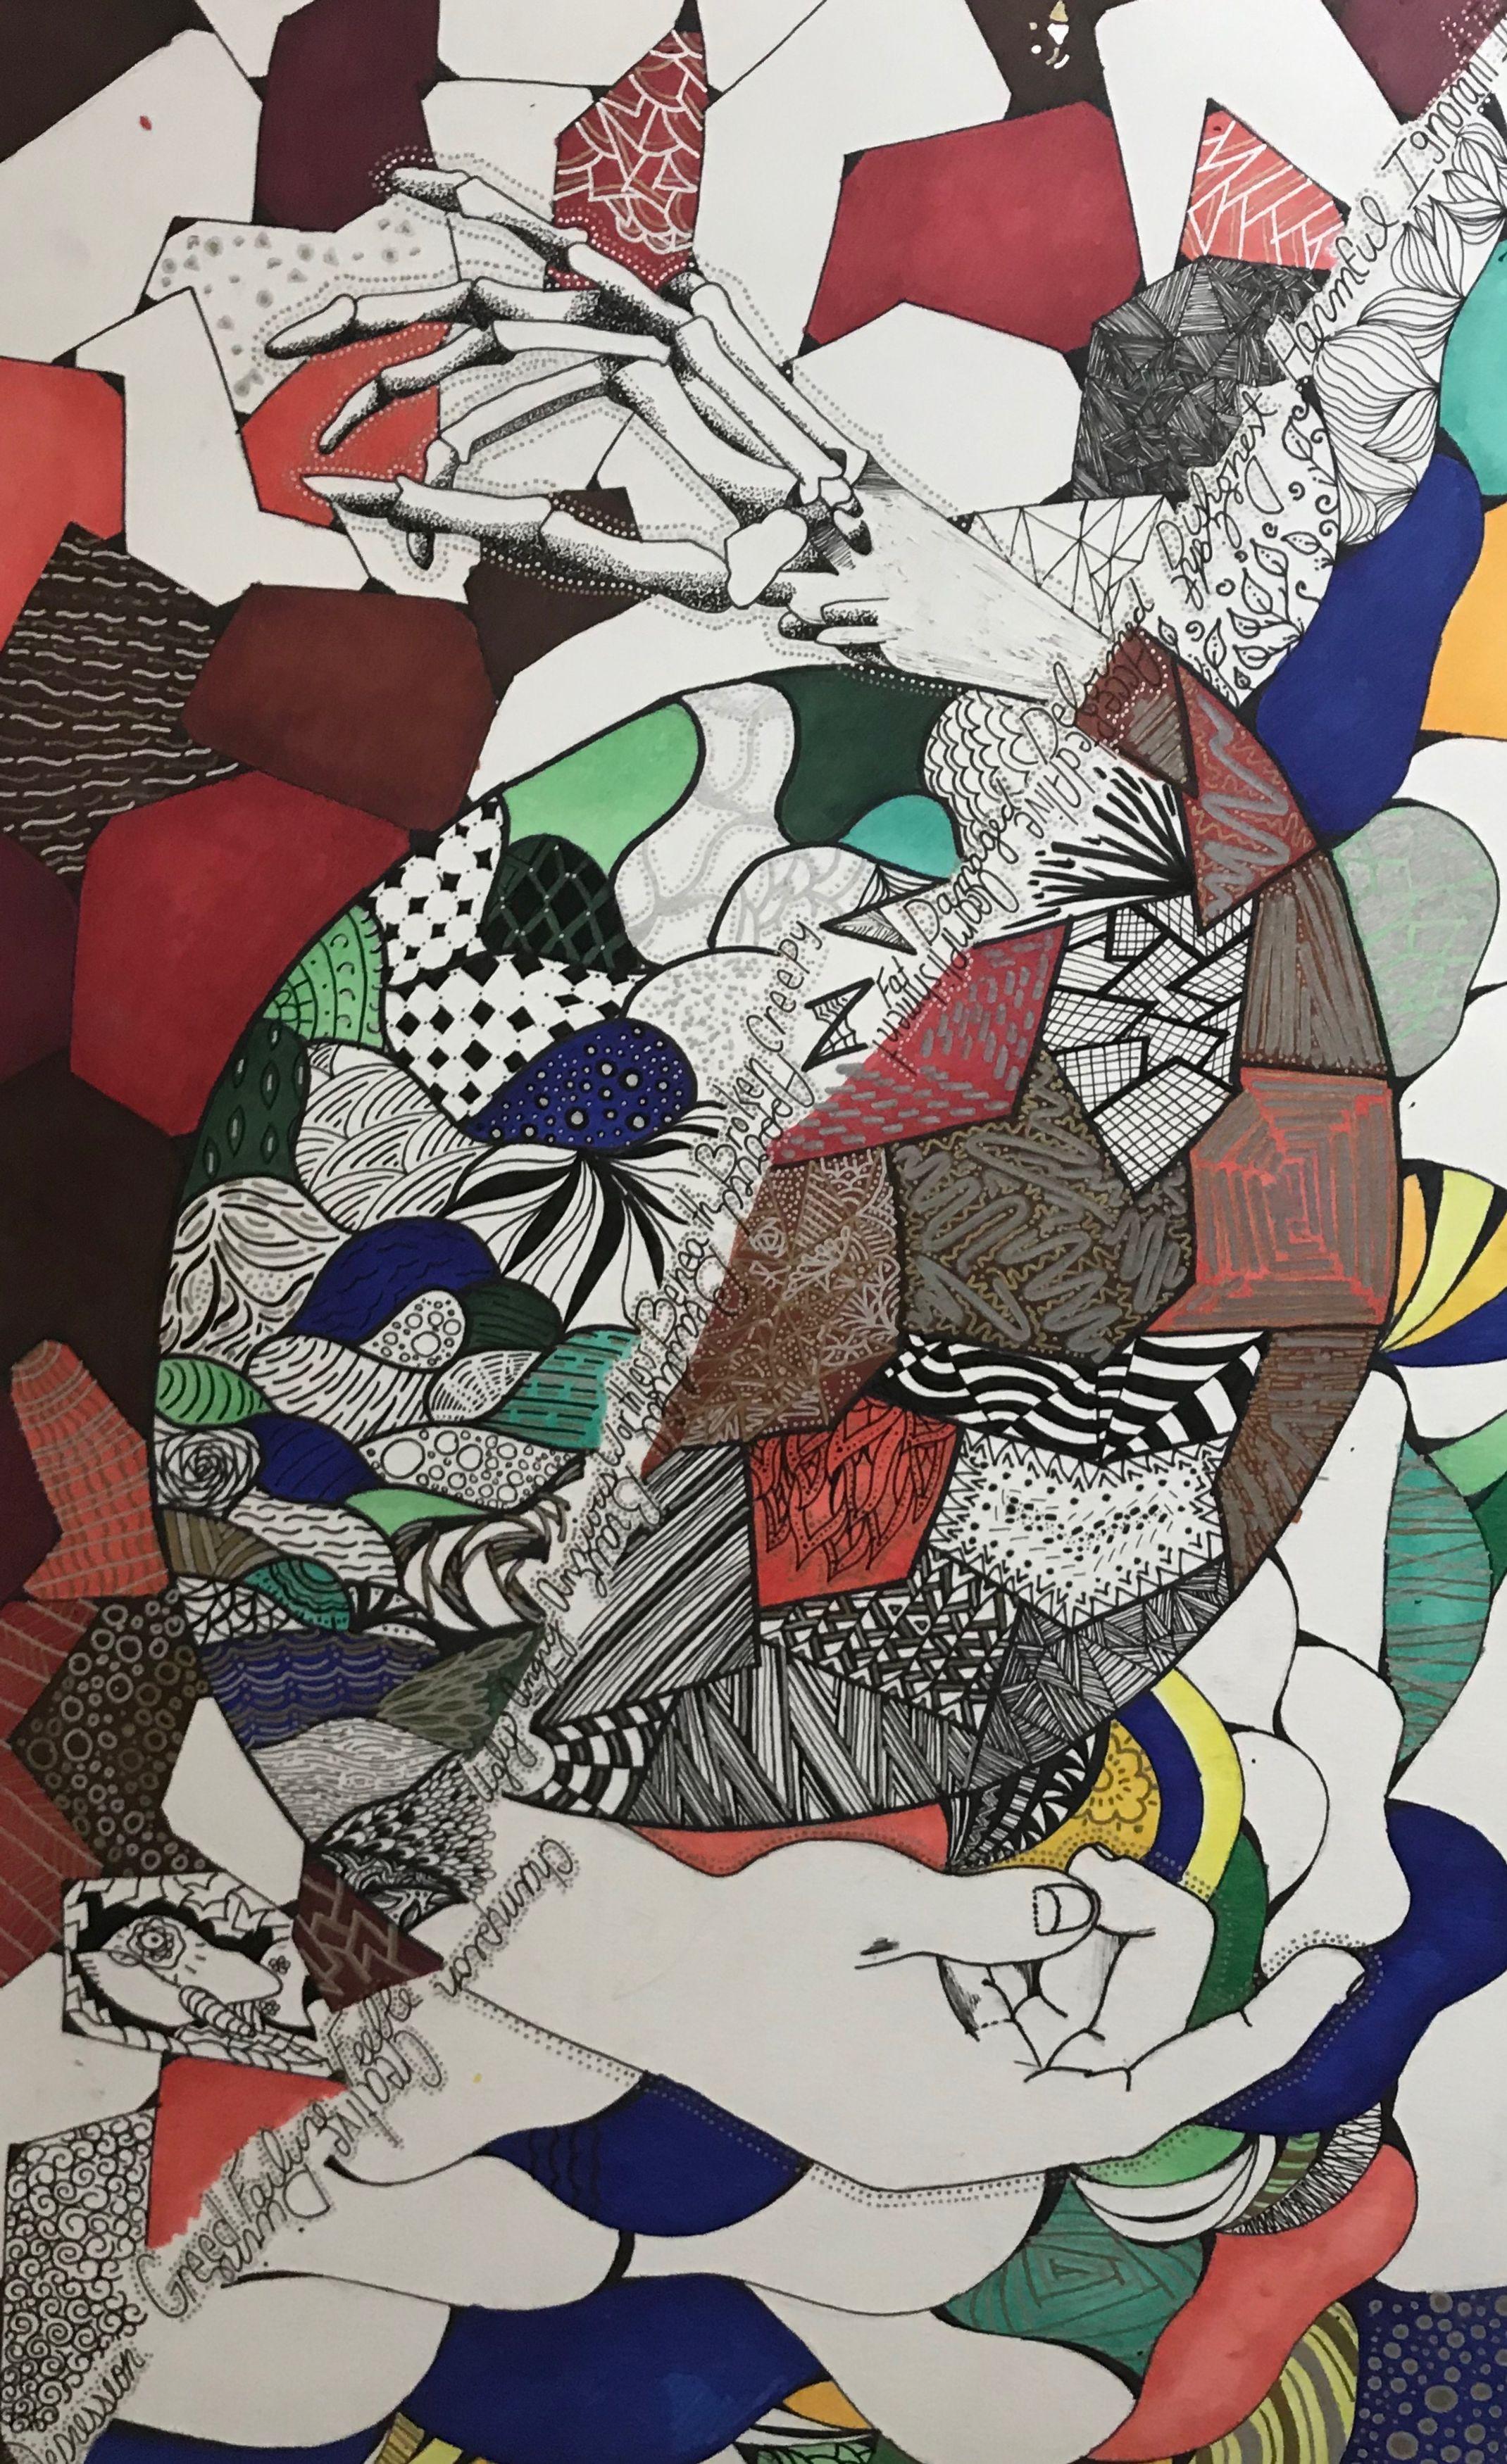 Ink drawing by Zhenya Huber